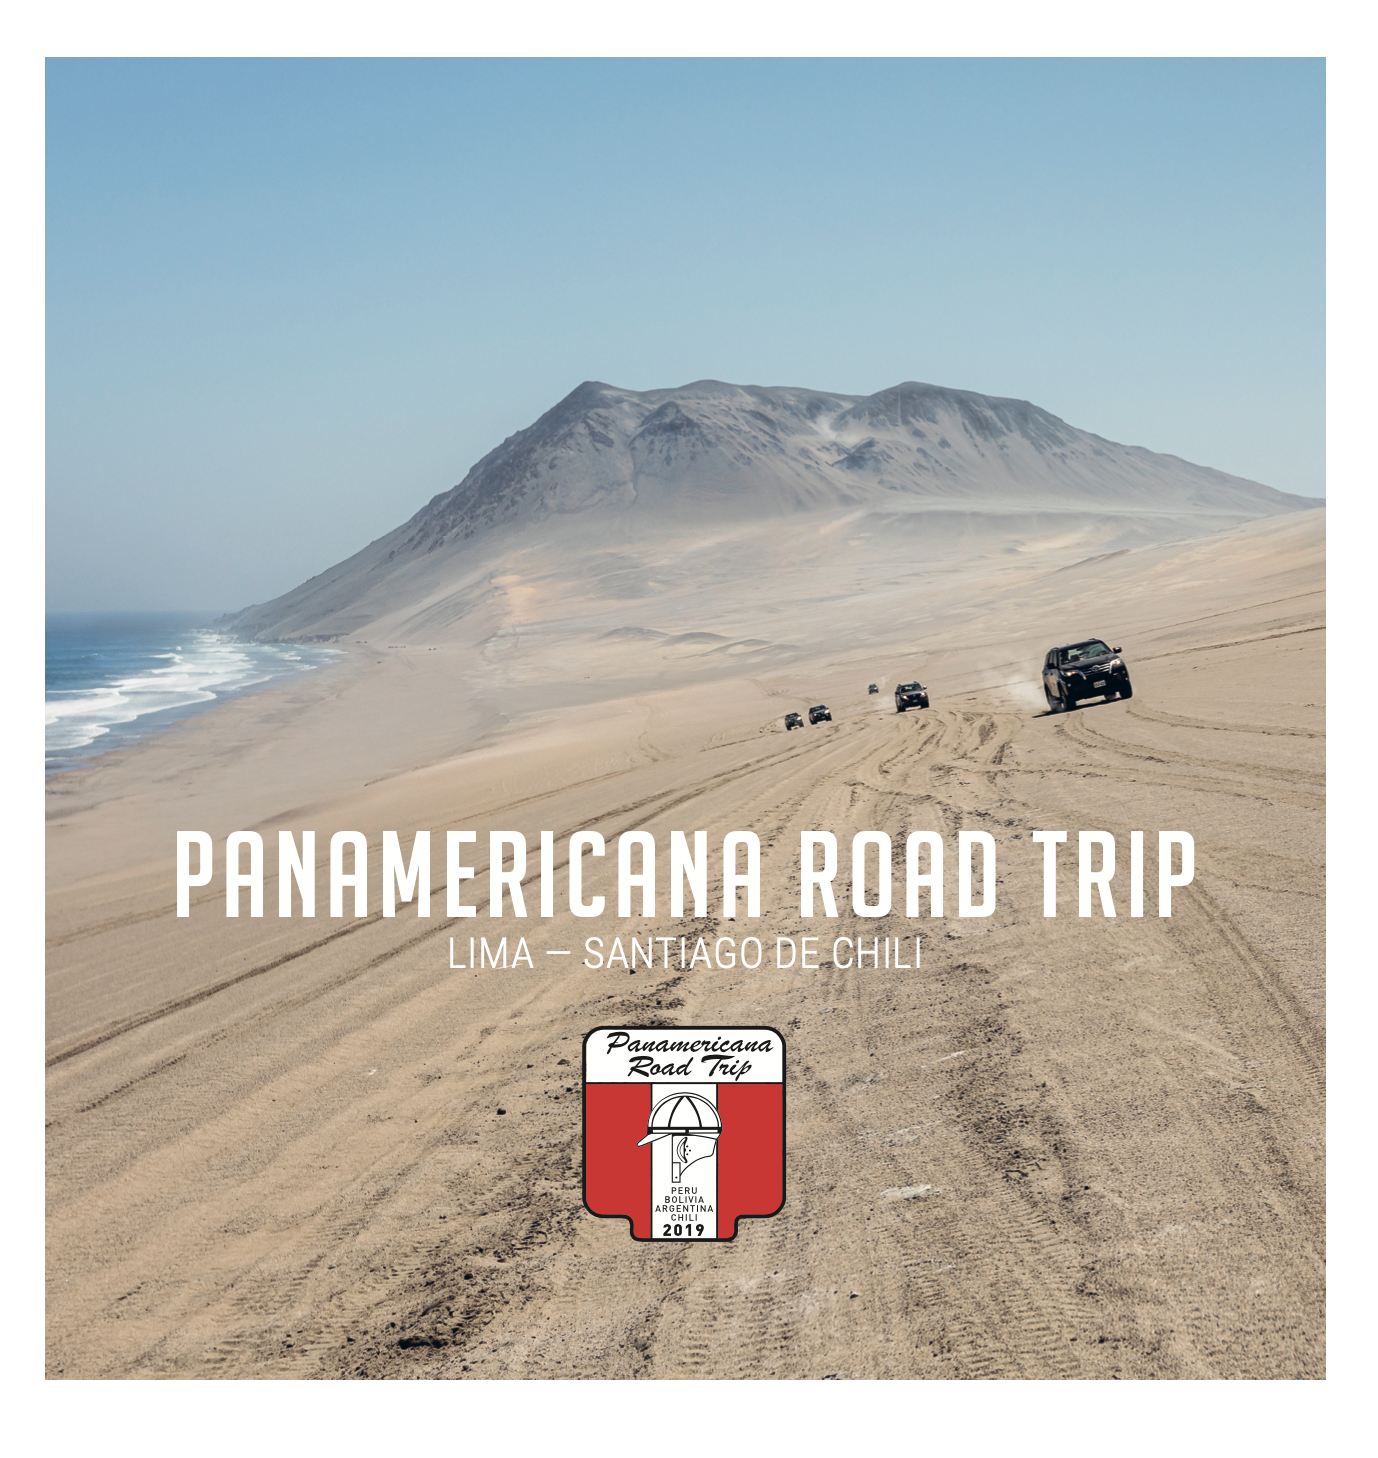 PANAMERICANA ROAD TRIP